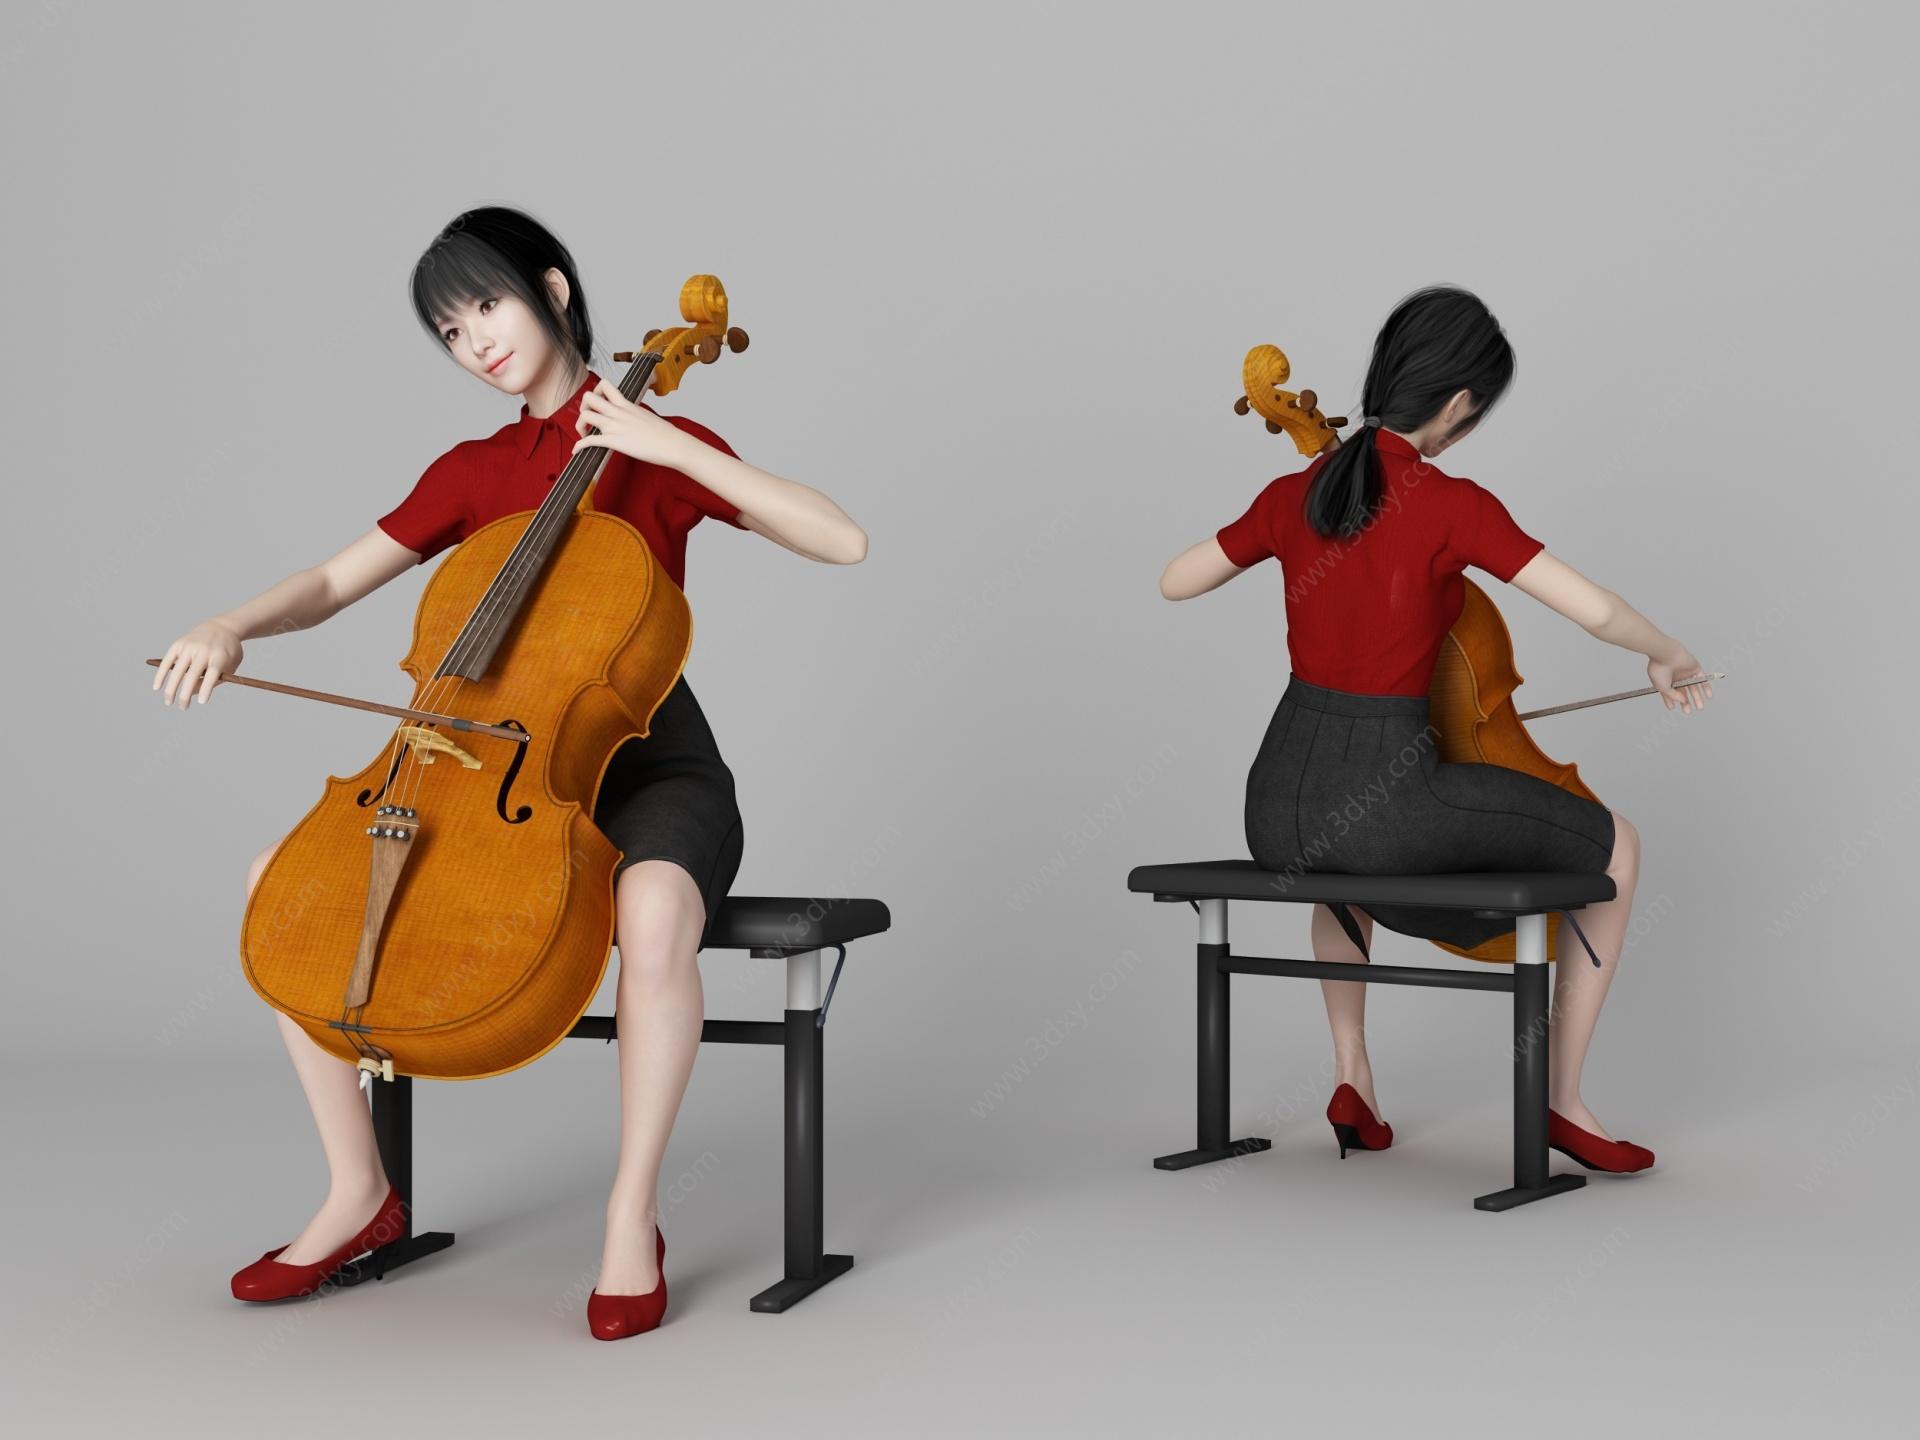 現代風格大提琴美女人物3D模型